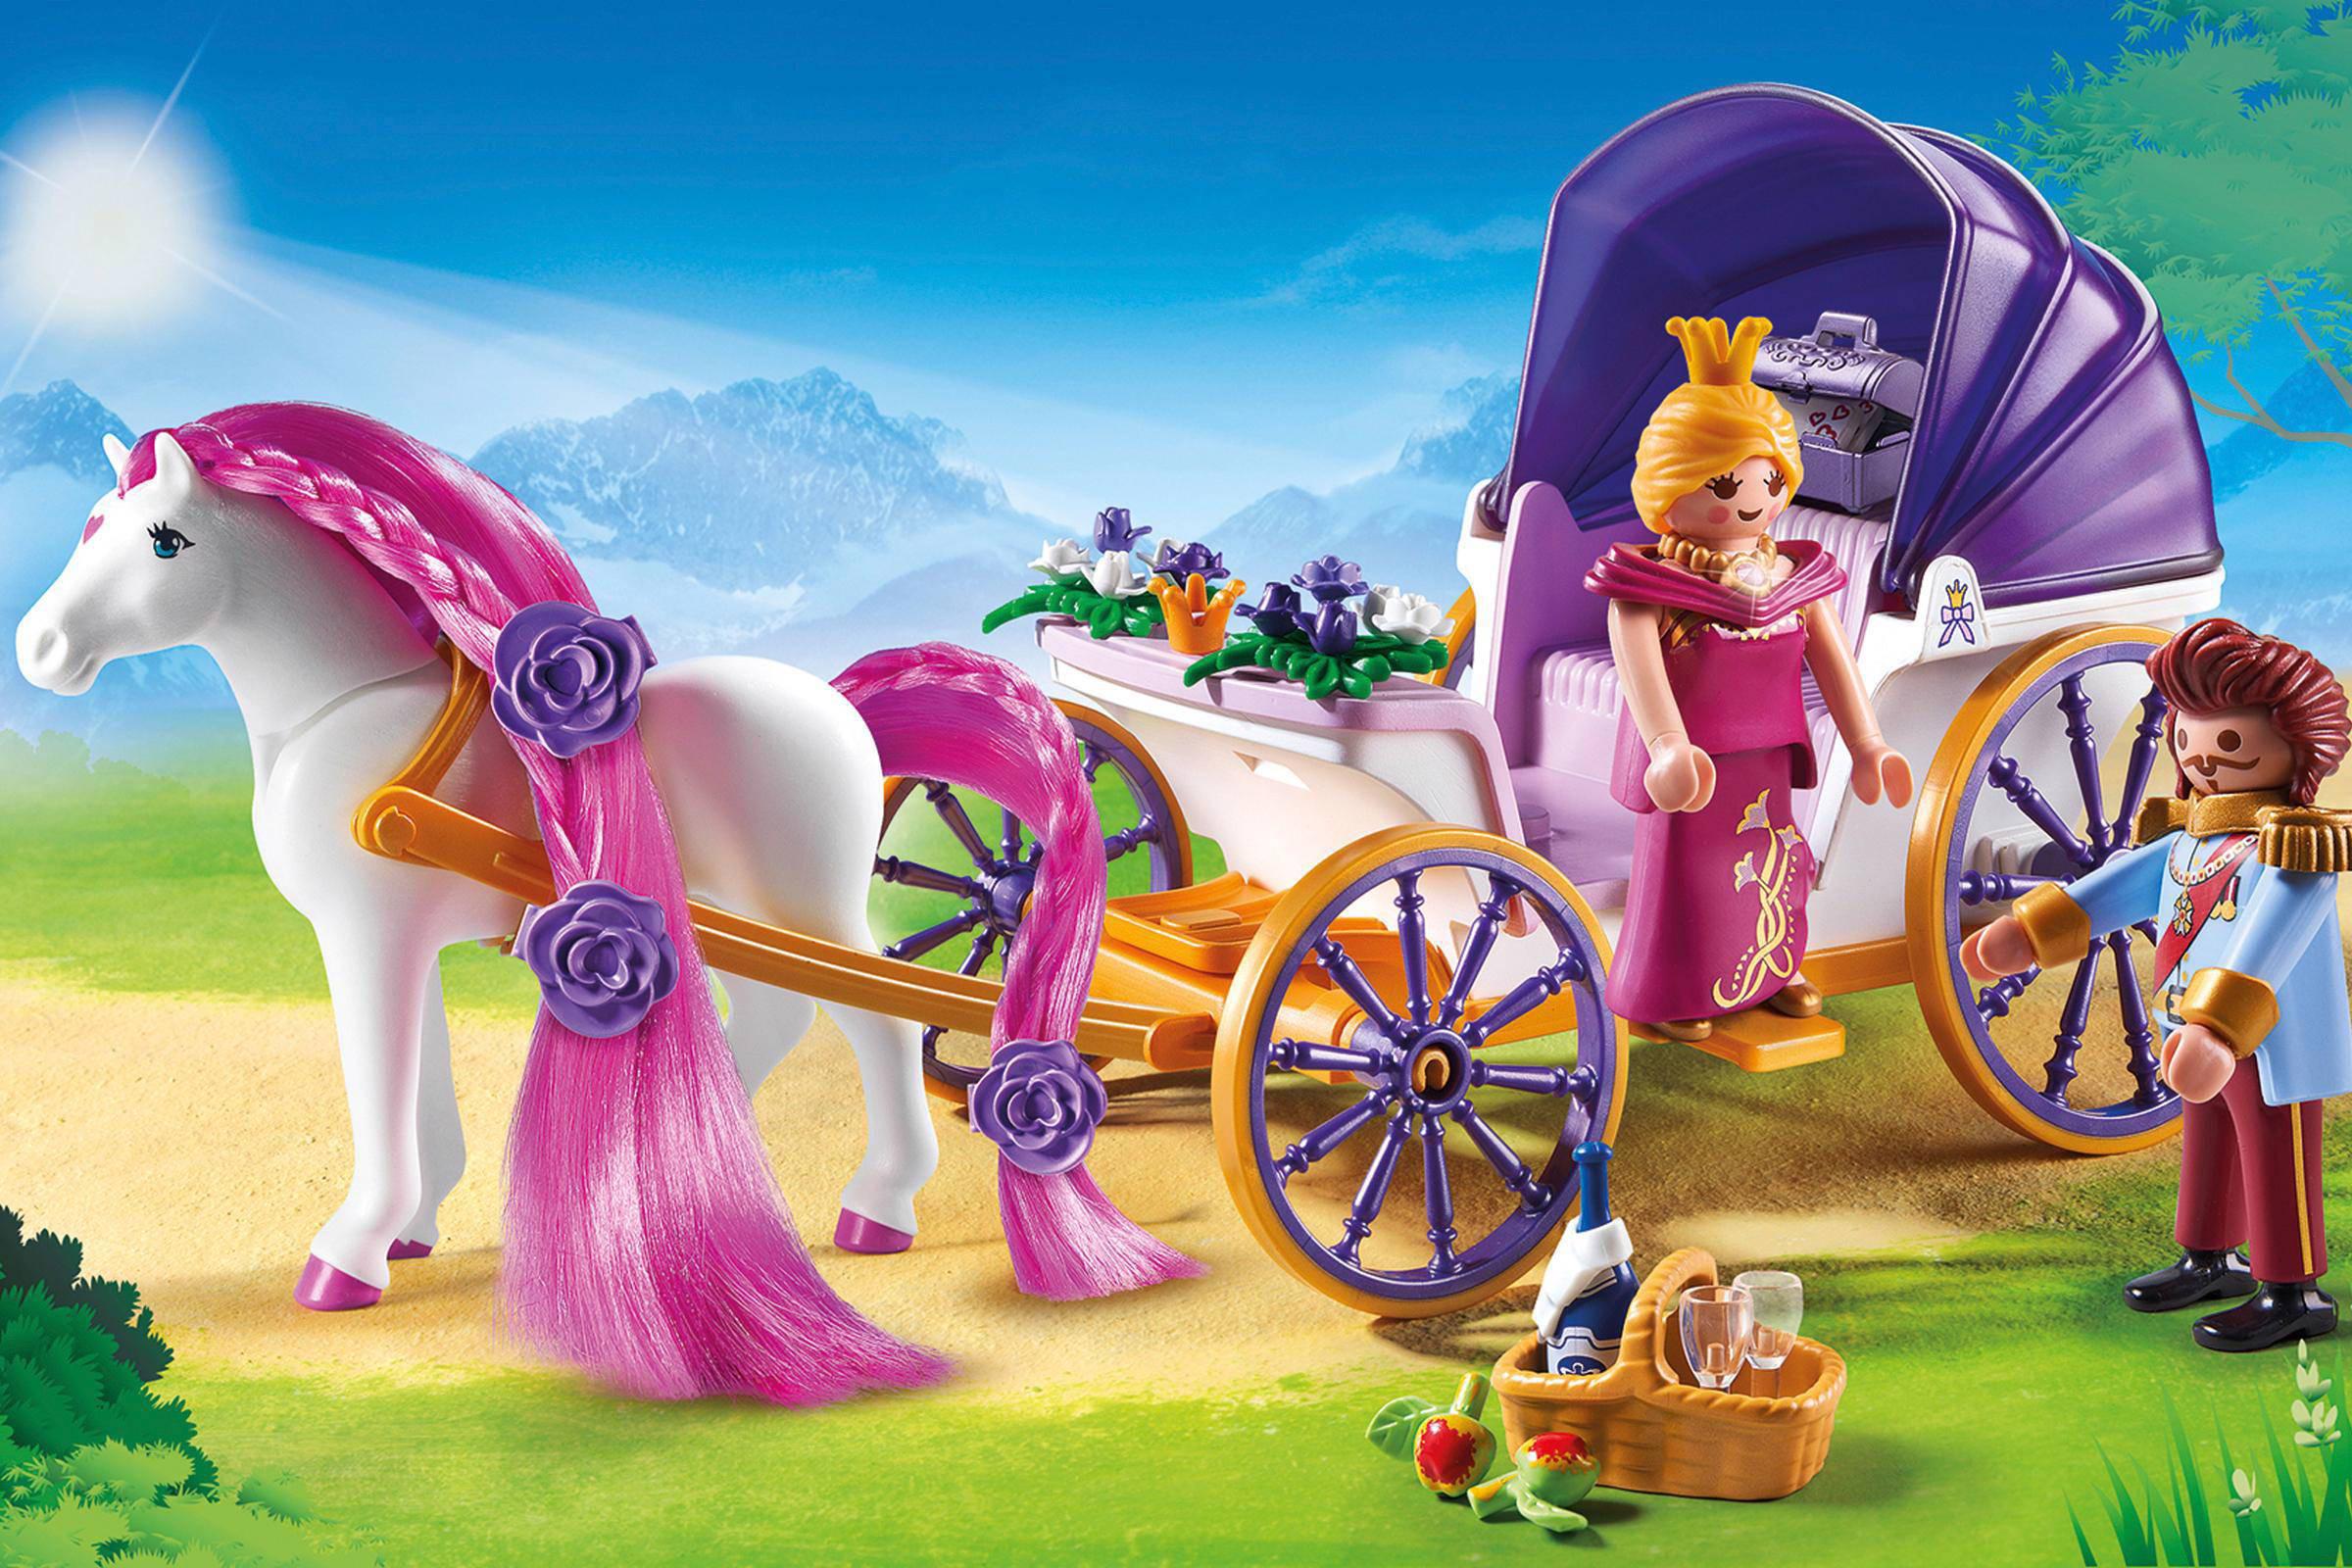 Playmobil princess koninklijke koets met paard om te kammen